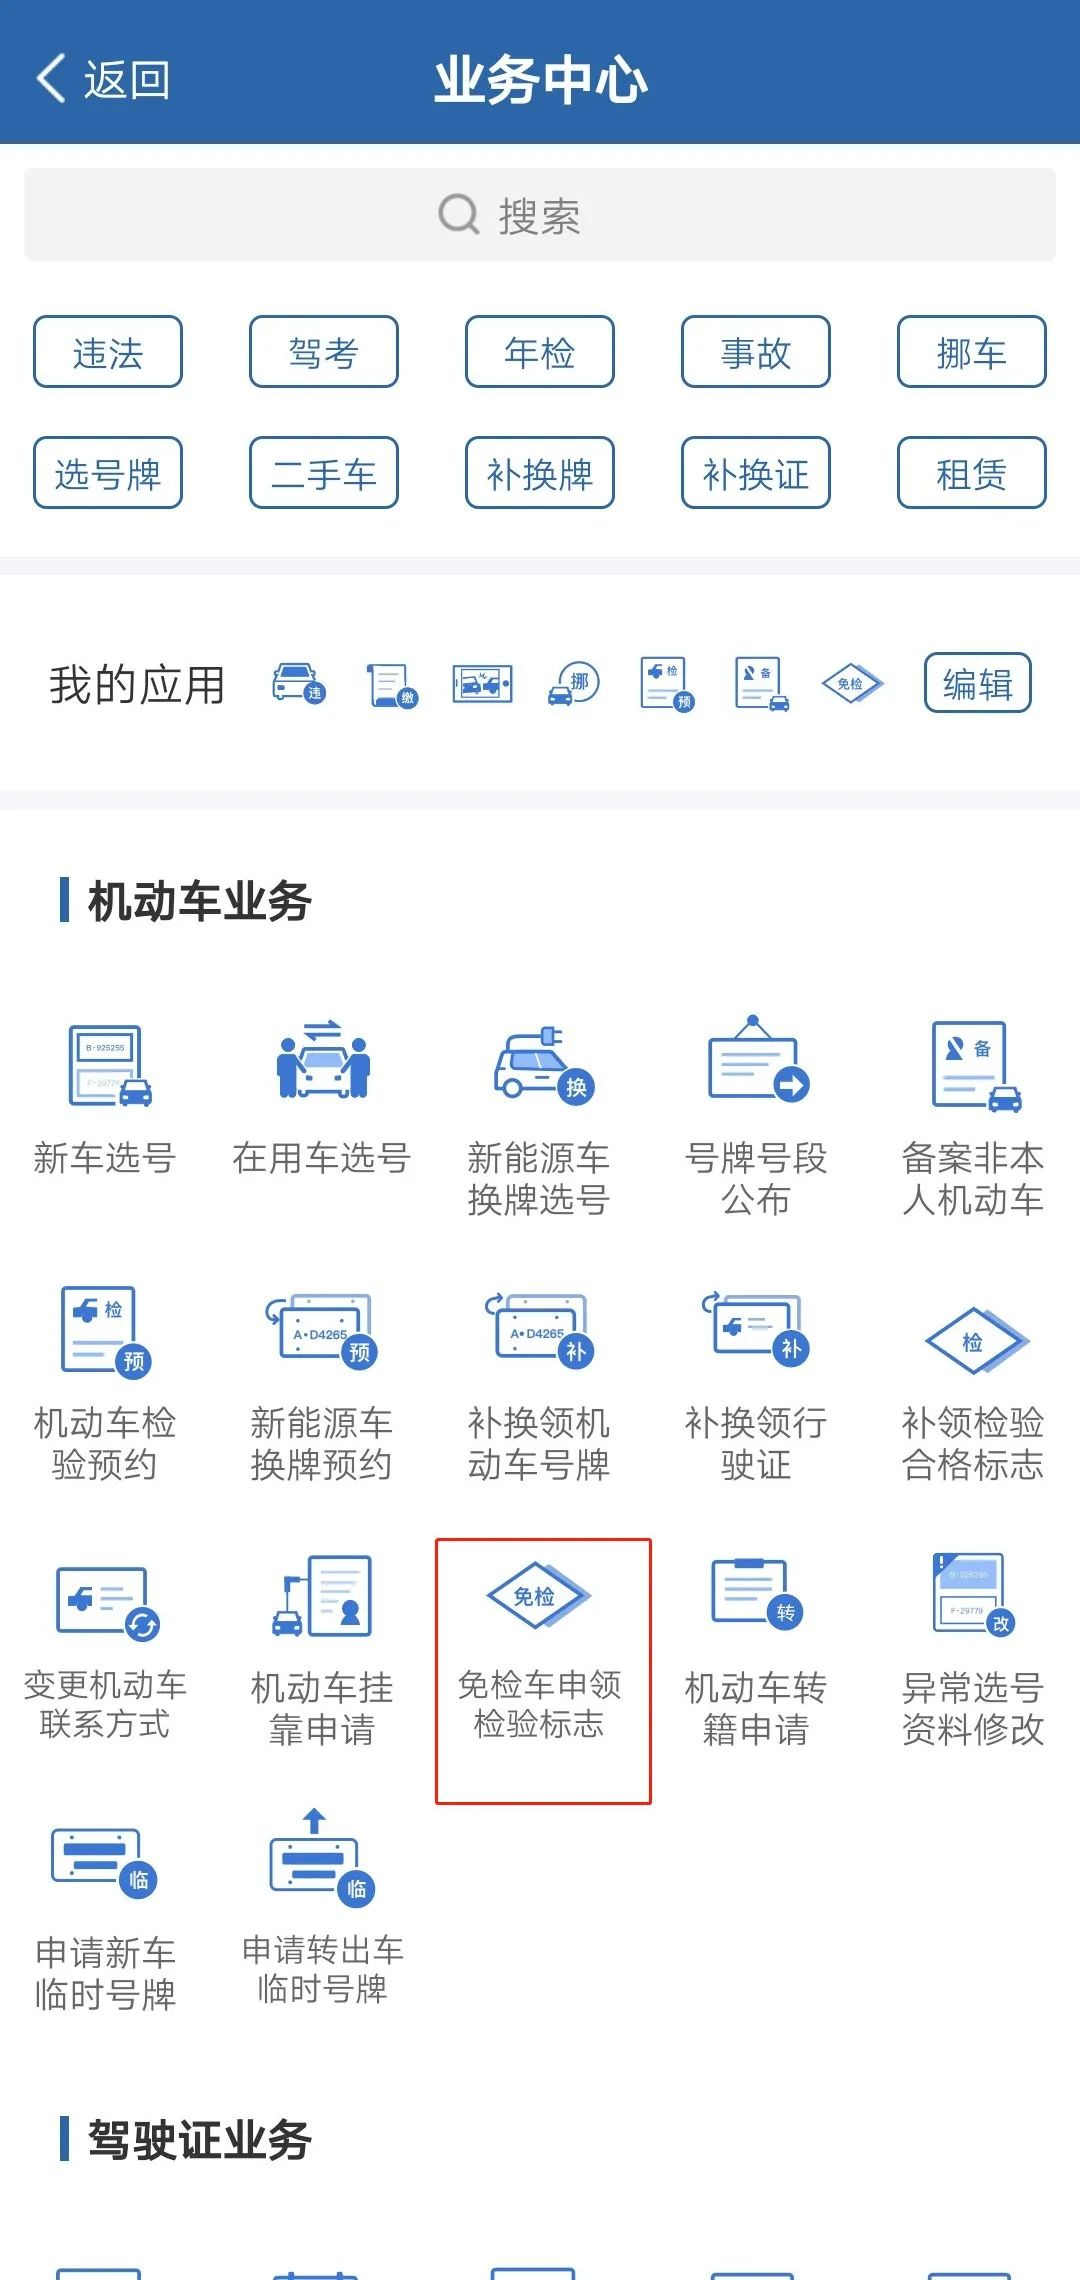 @荆州司机,疫情期间,车辆年检可在手机上操作!